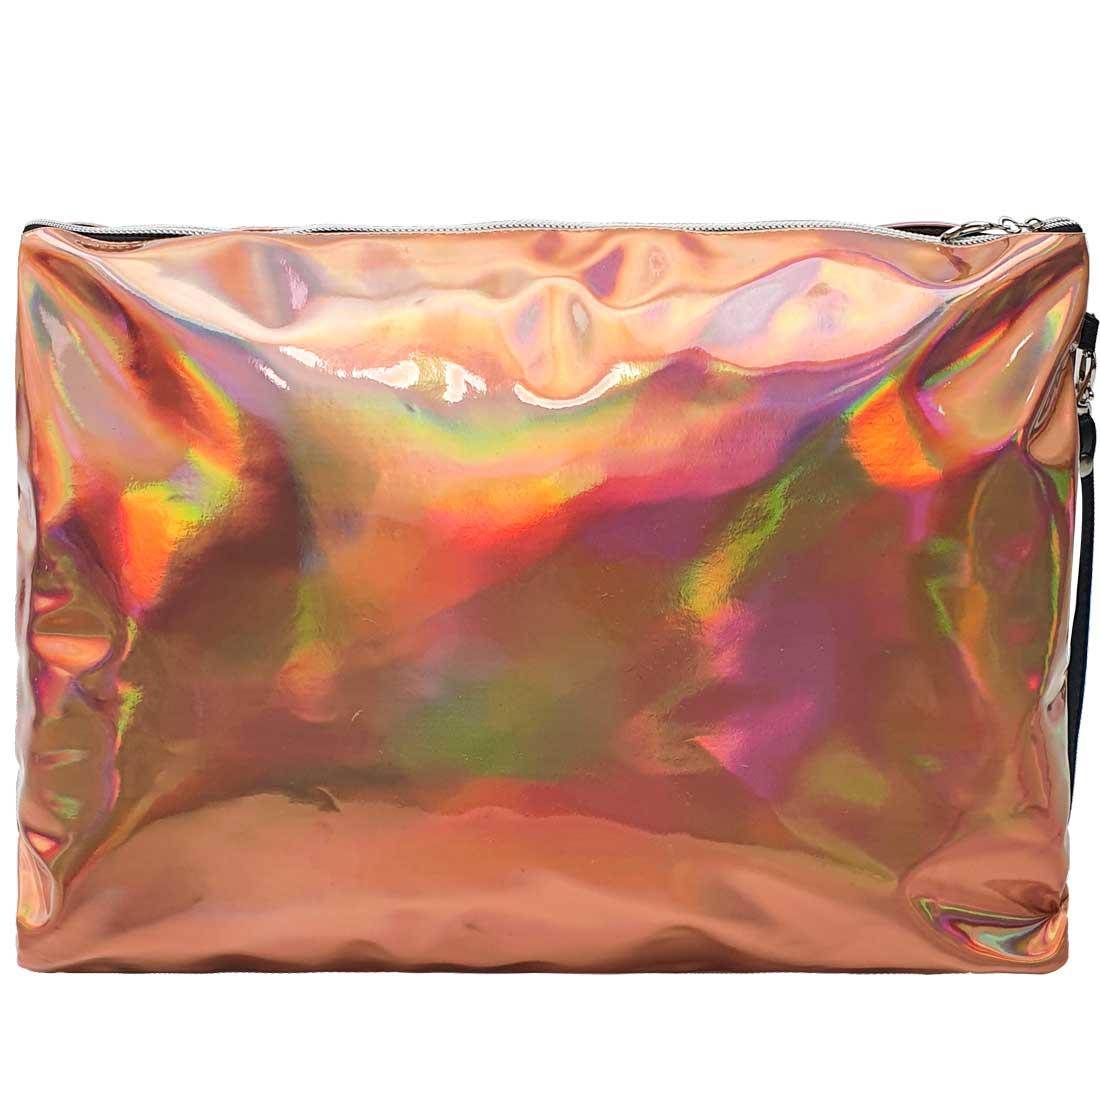 Necessaire Quadrada Holográfica - Ouro Rosé